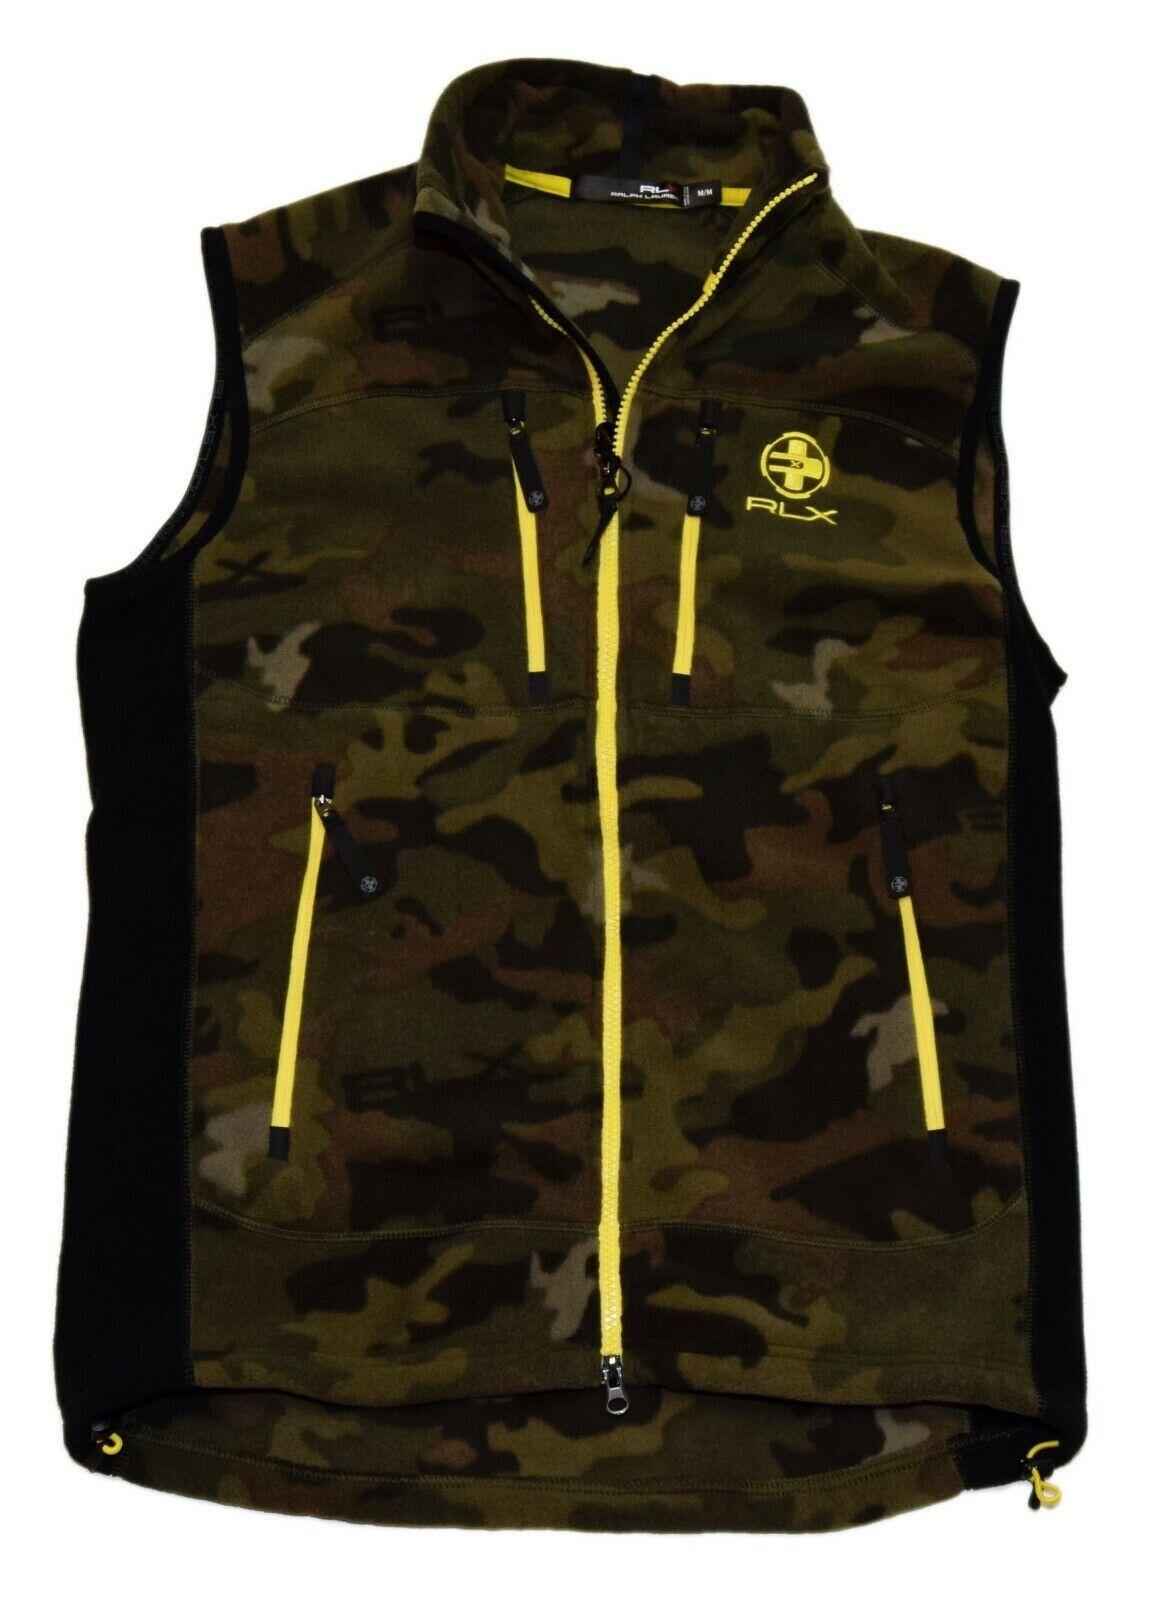 165-polo-ralph-lauren-rlx-fleece-zip-jacket-vest-camo-olive-green-brown-small